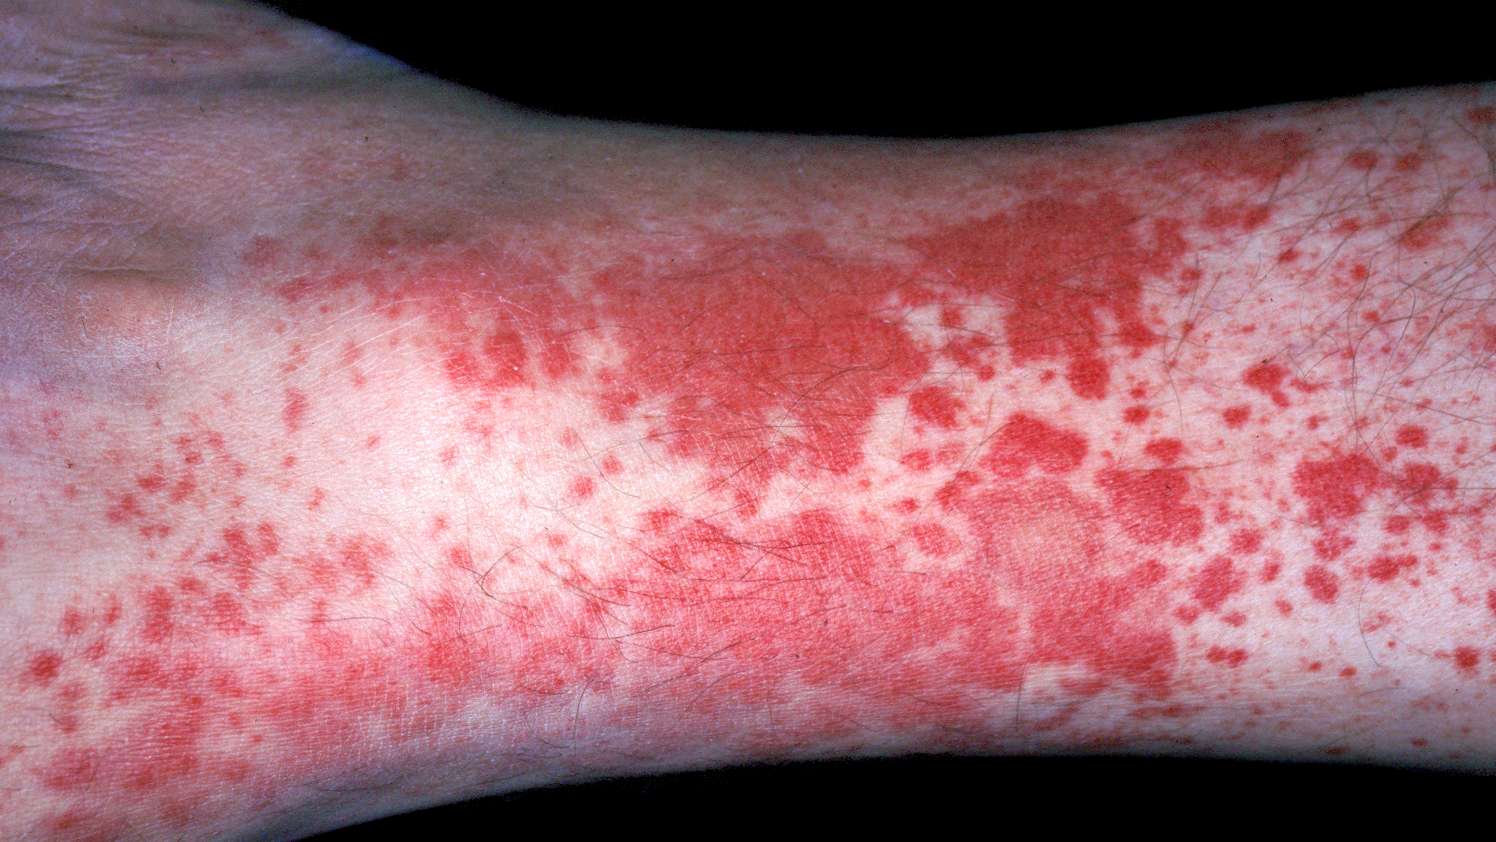 Так выглядит аллергический васкулит